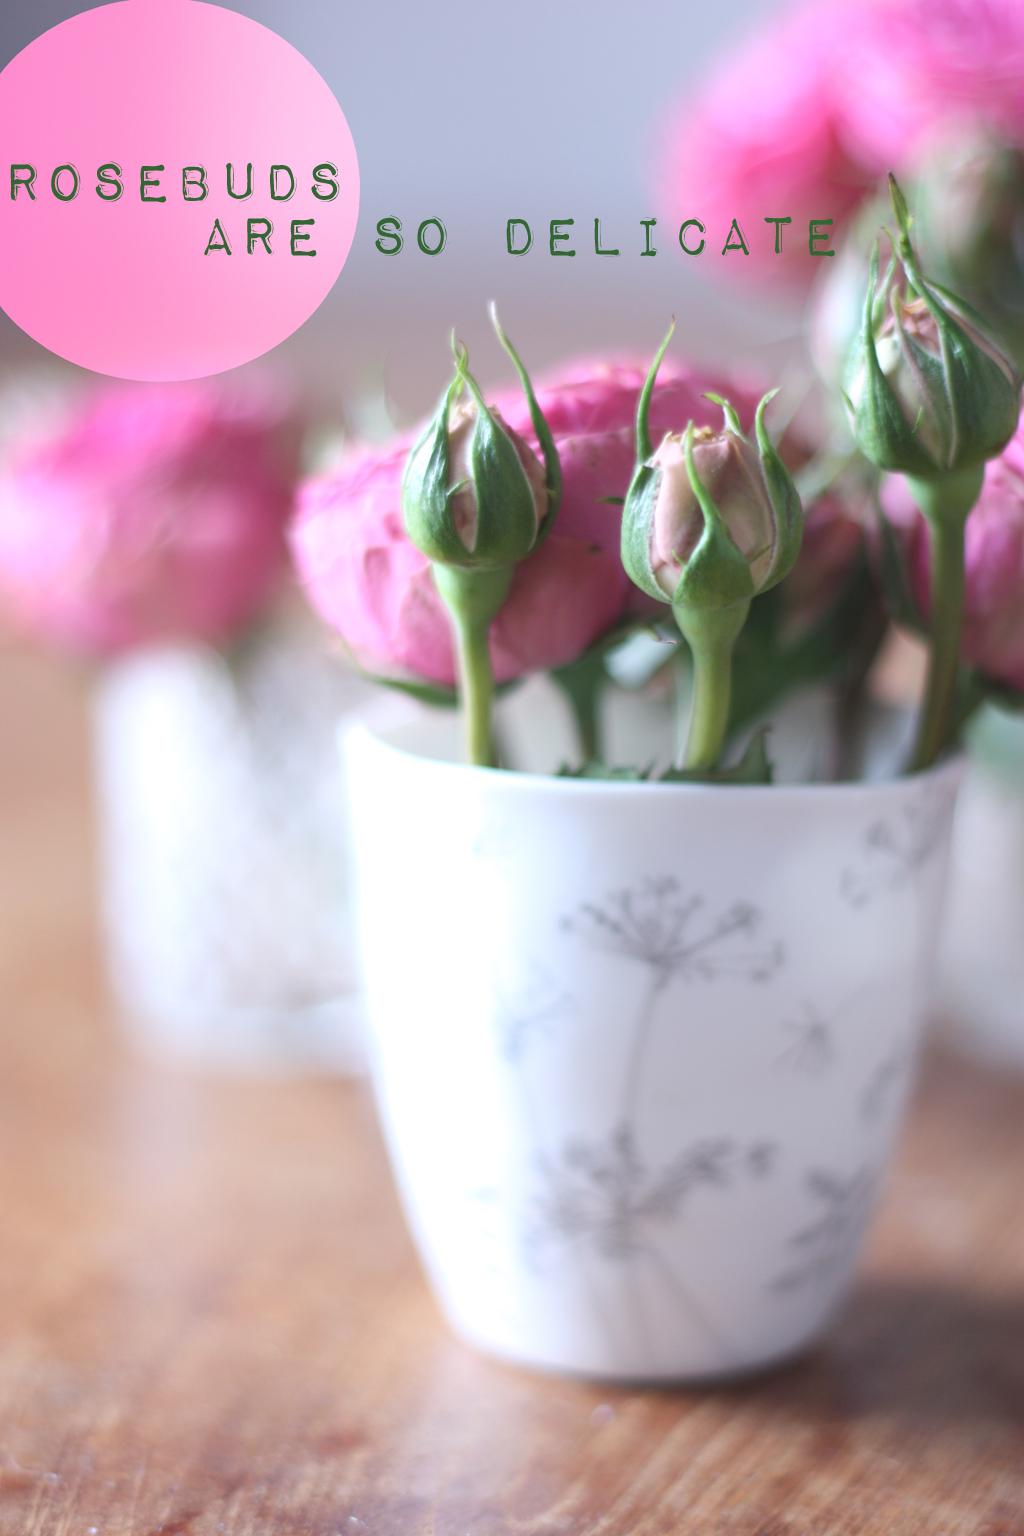 rosebuds are so delicate